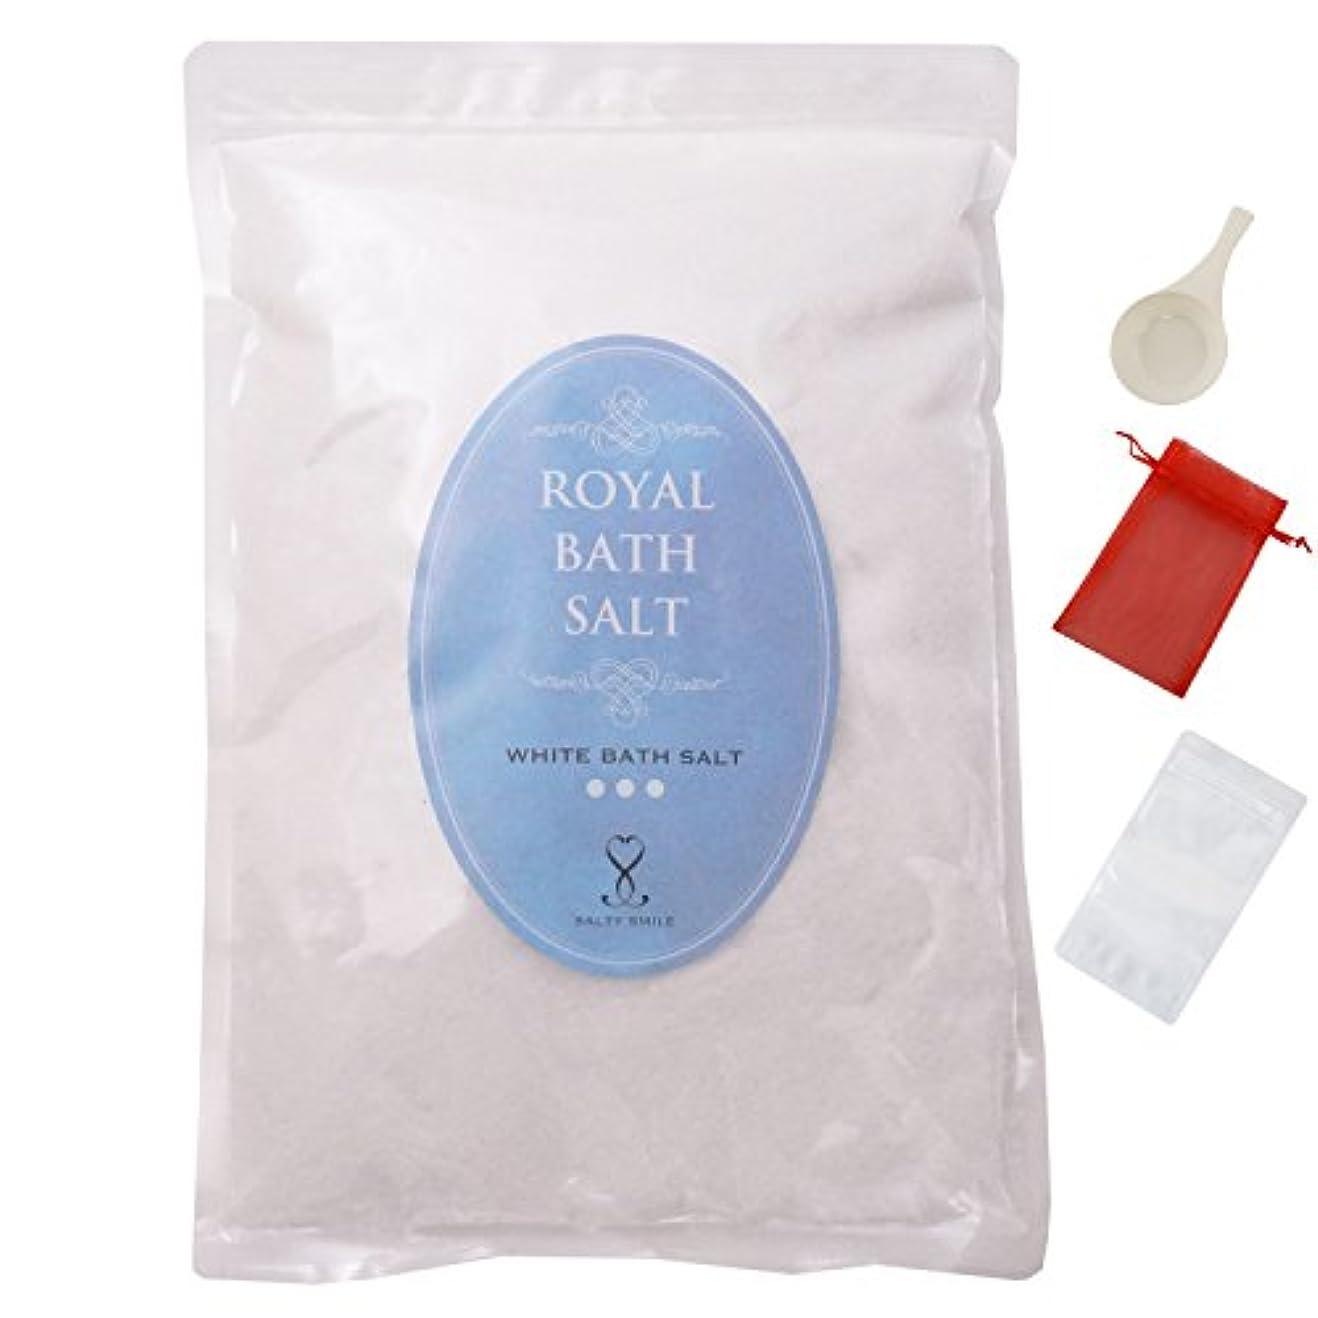 花険しい奪うロイヤル バスソルト ヒマラヤ岩塩 クリスタル ホワイト パウダー 細粒 ROYAL BATH SALT (1,000g【1㎏】)